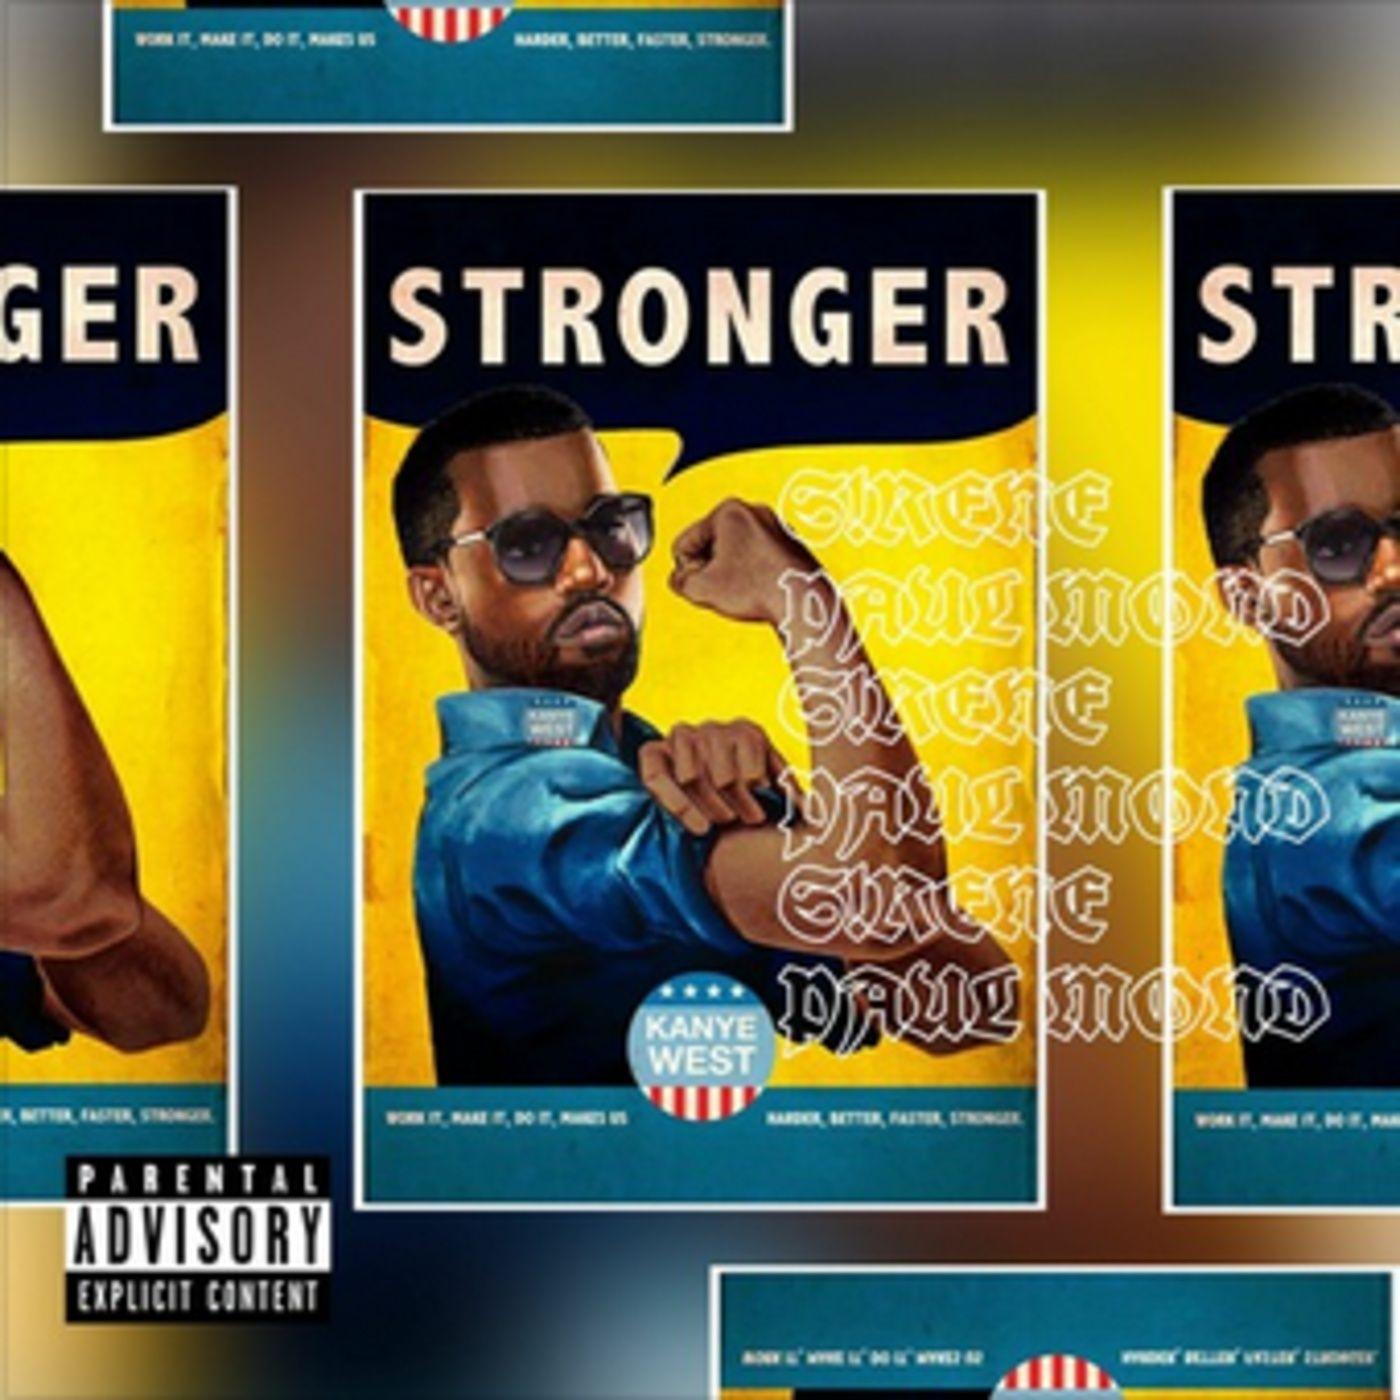 Kanye West - Stronger (S!RENE & Paul Mond Edit)